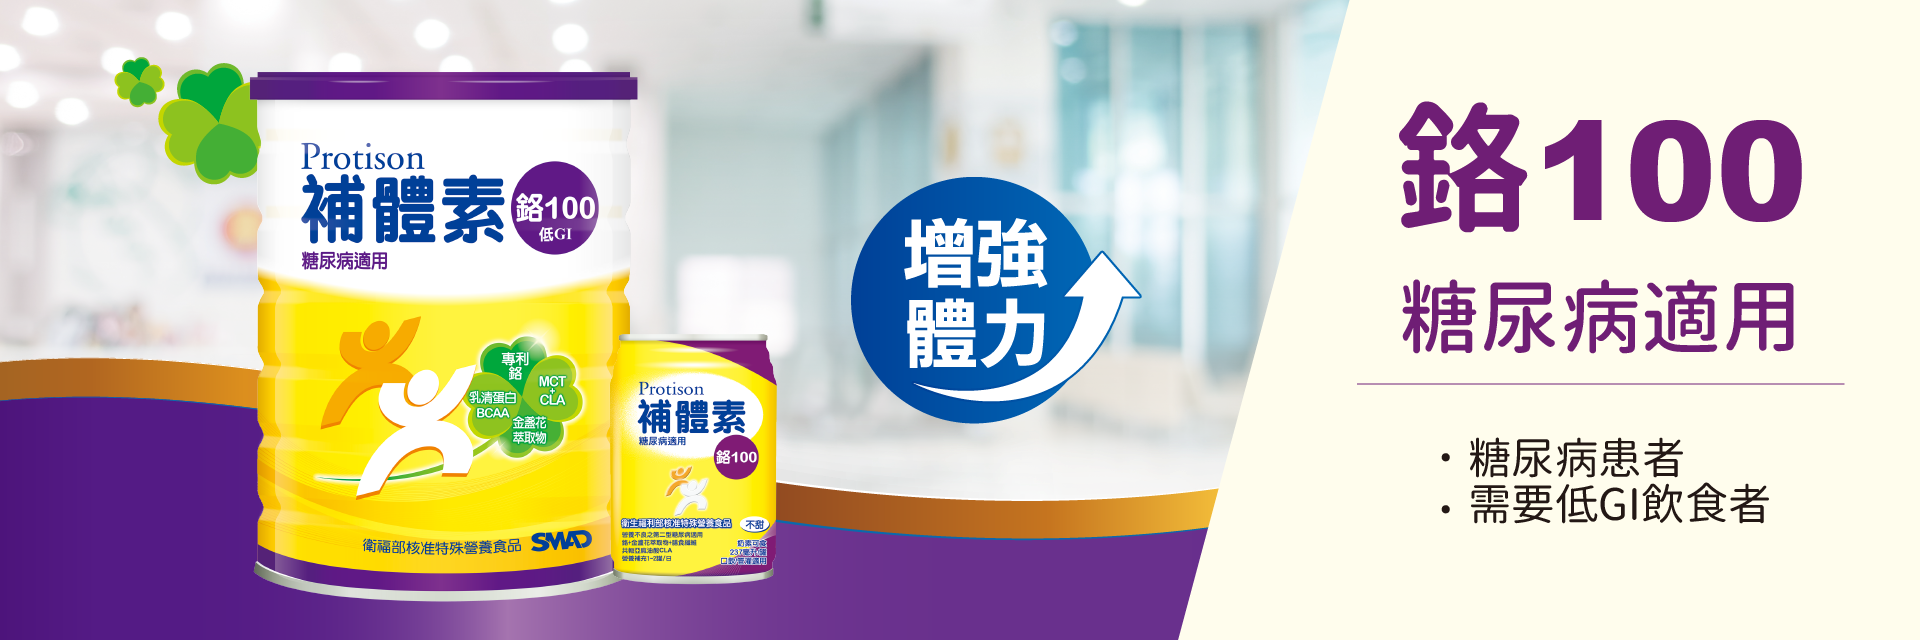 補體素鉻100是糖尿病適用配方,可有效增強體力